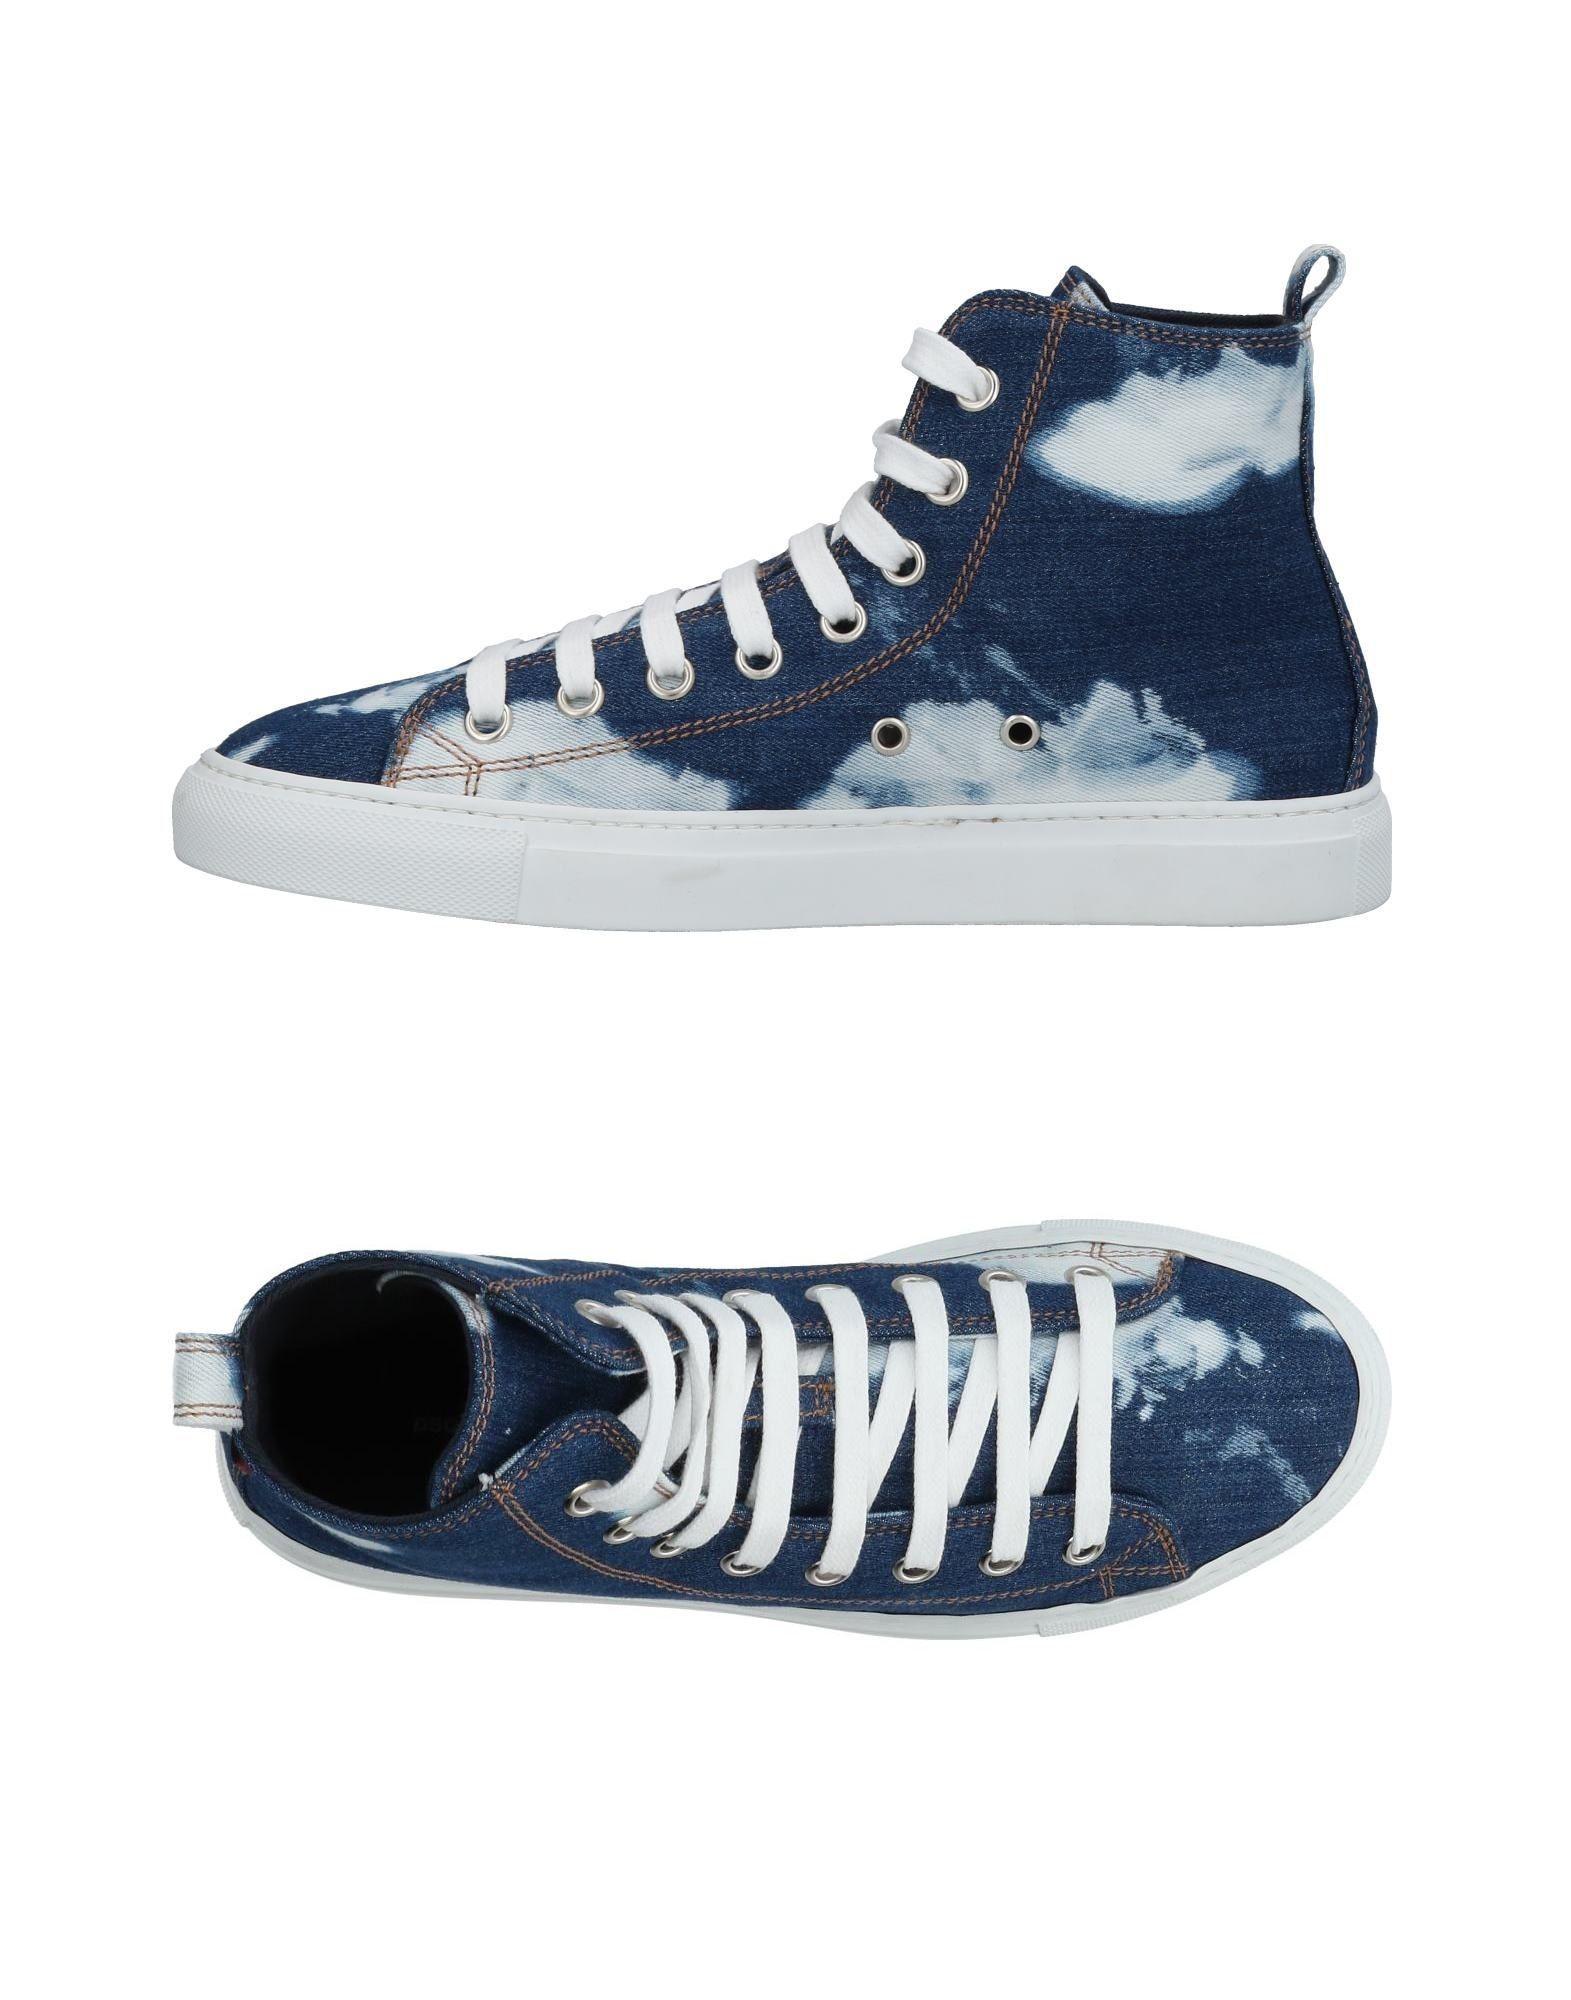 Dsquared2 Sneakers Herren  11441745BA Gute Qualität beliebte Schuhe